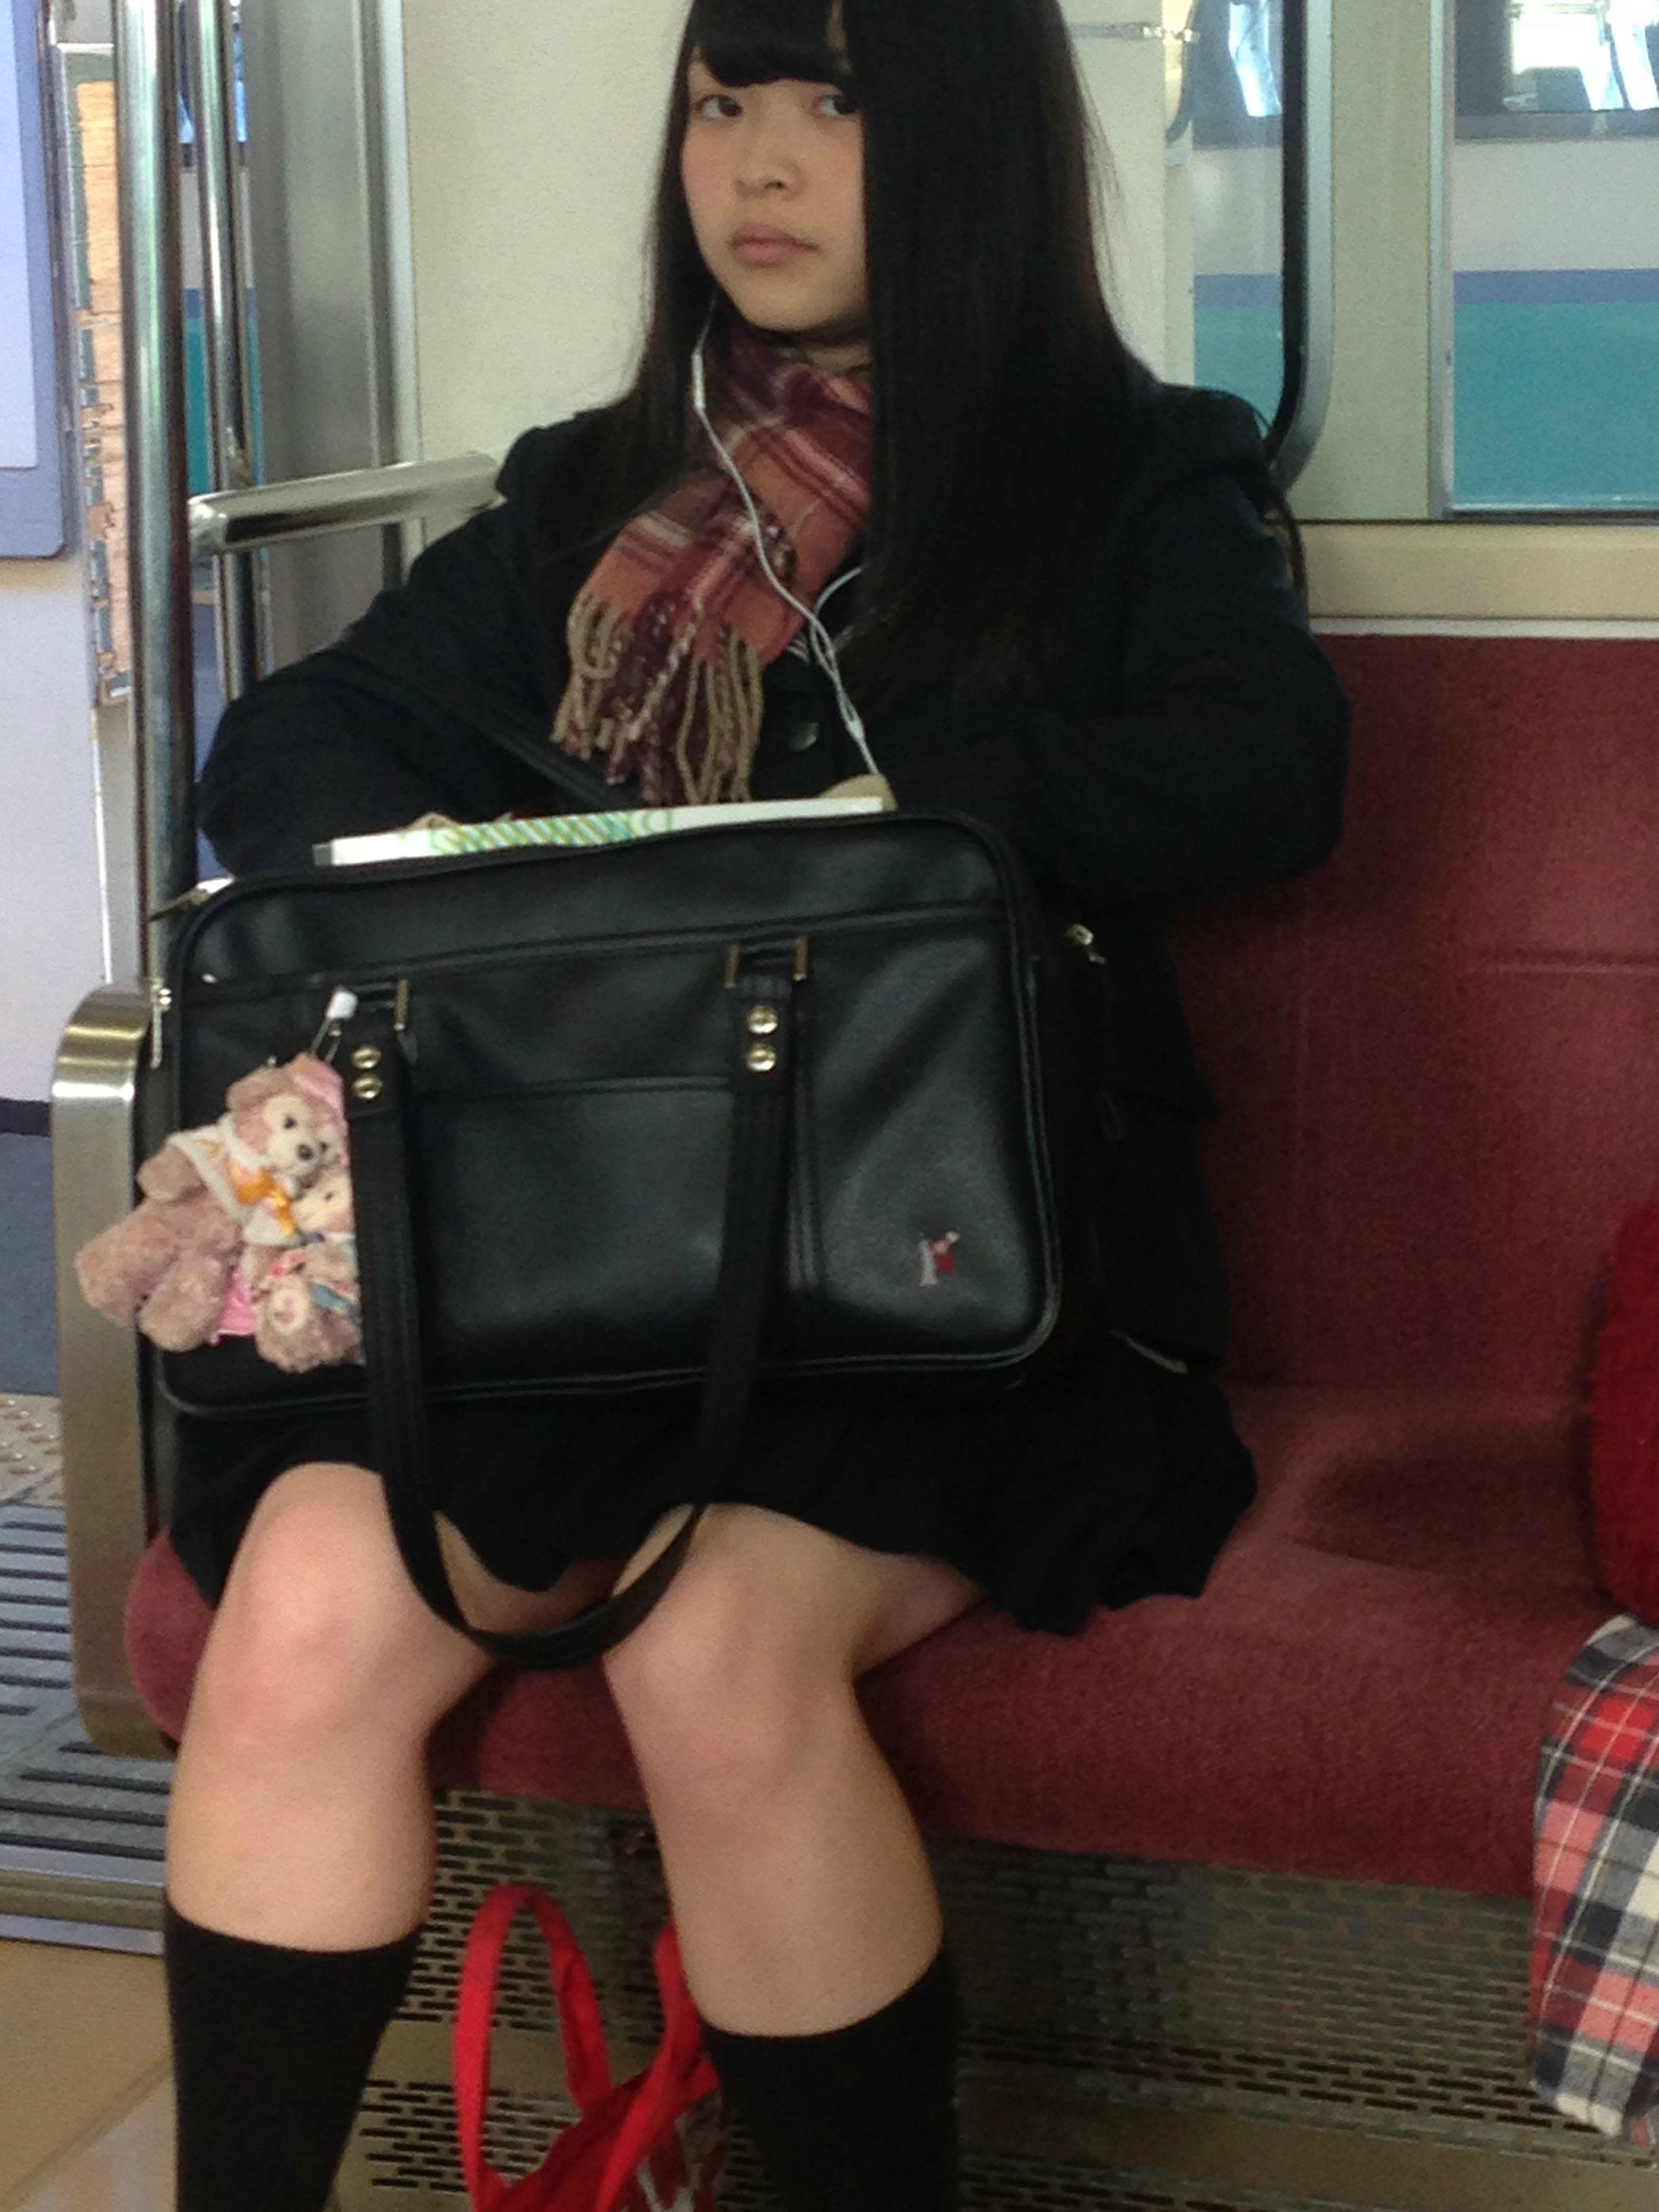 JKを電車や駅でバレないようにガン見しようね!!! givzzEg